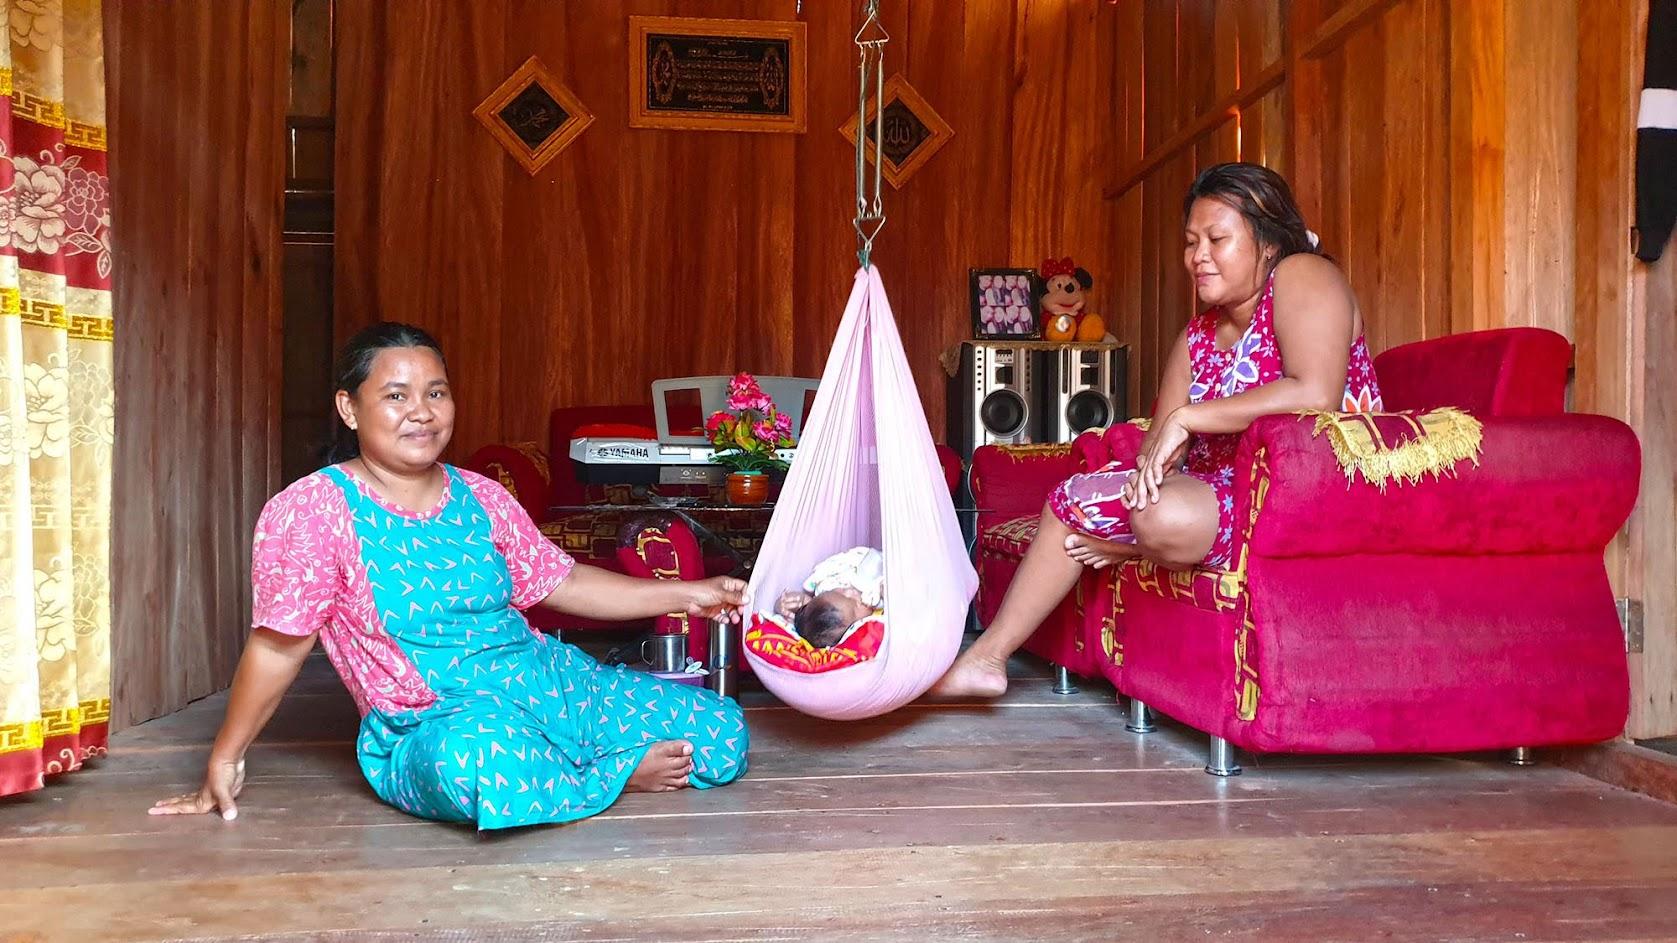 DIAS 90 a 98 –Visitar as ILHAS TOGEAN e o povo Bajau, os Ciganos do Mar